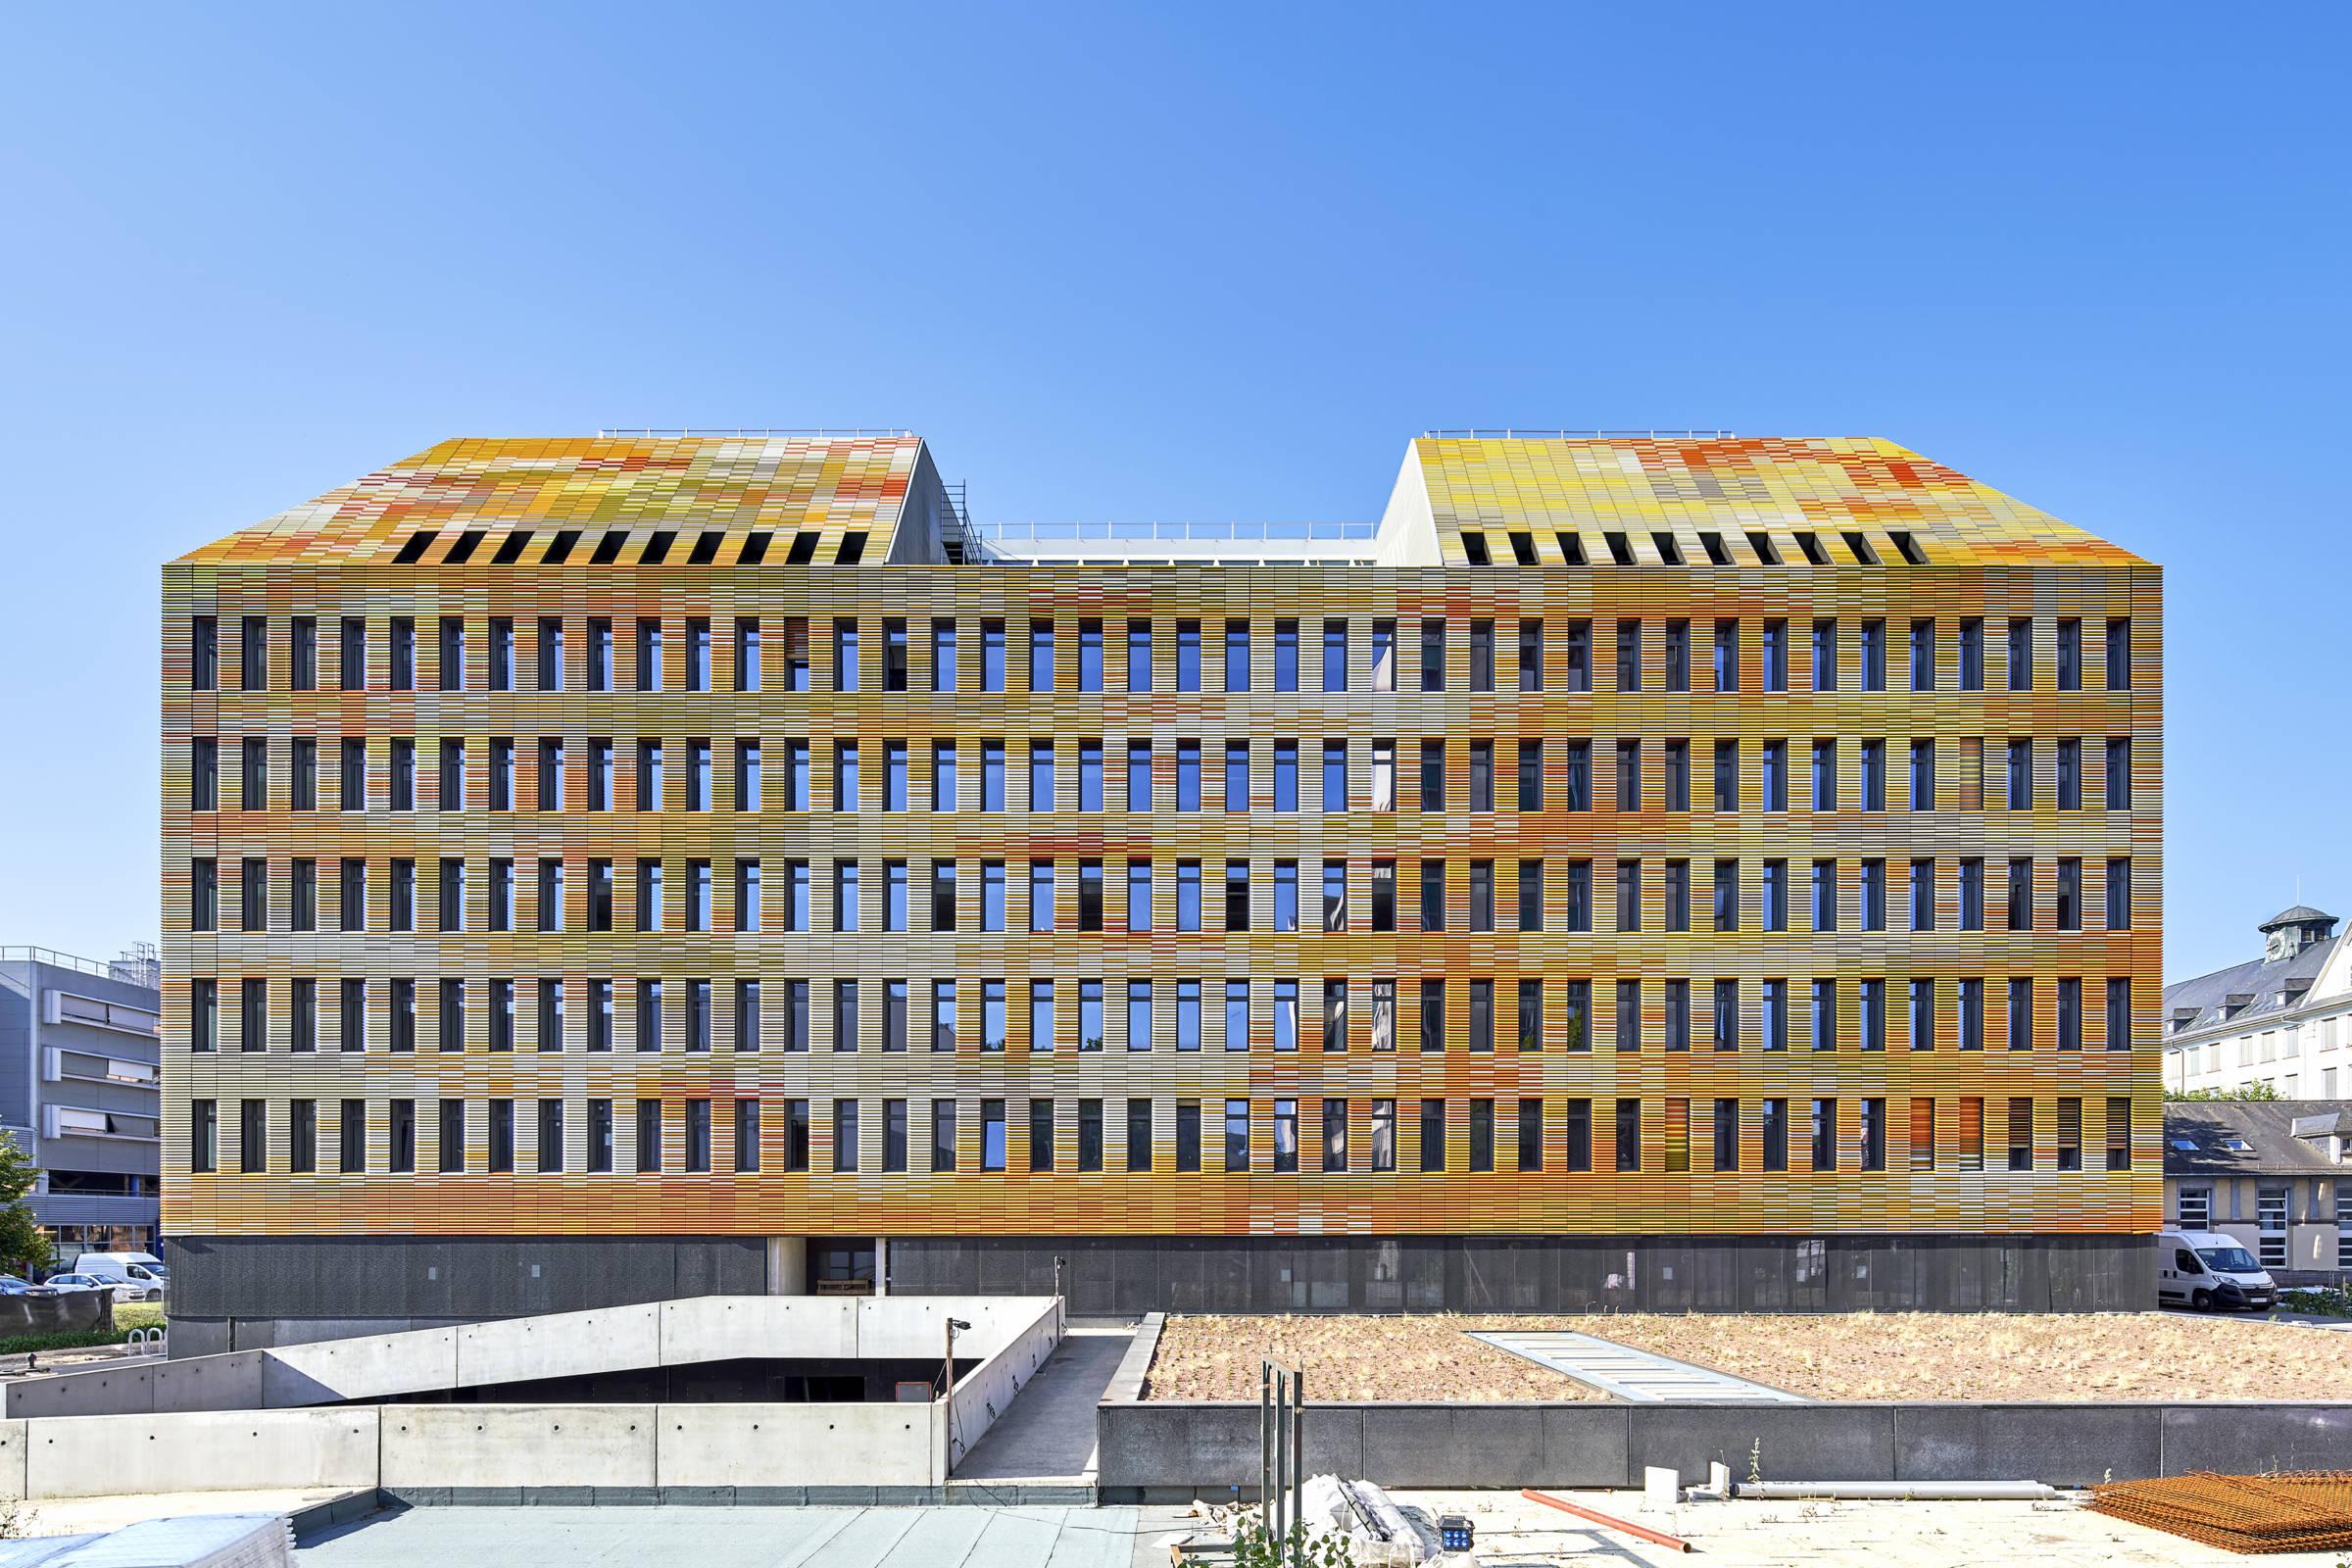 Architecture recherche médicale - CRBS, Strasbourg_Architecture recherche médicale_Groupe-6